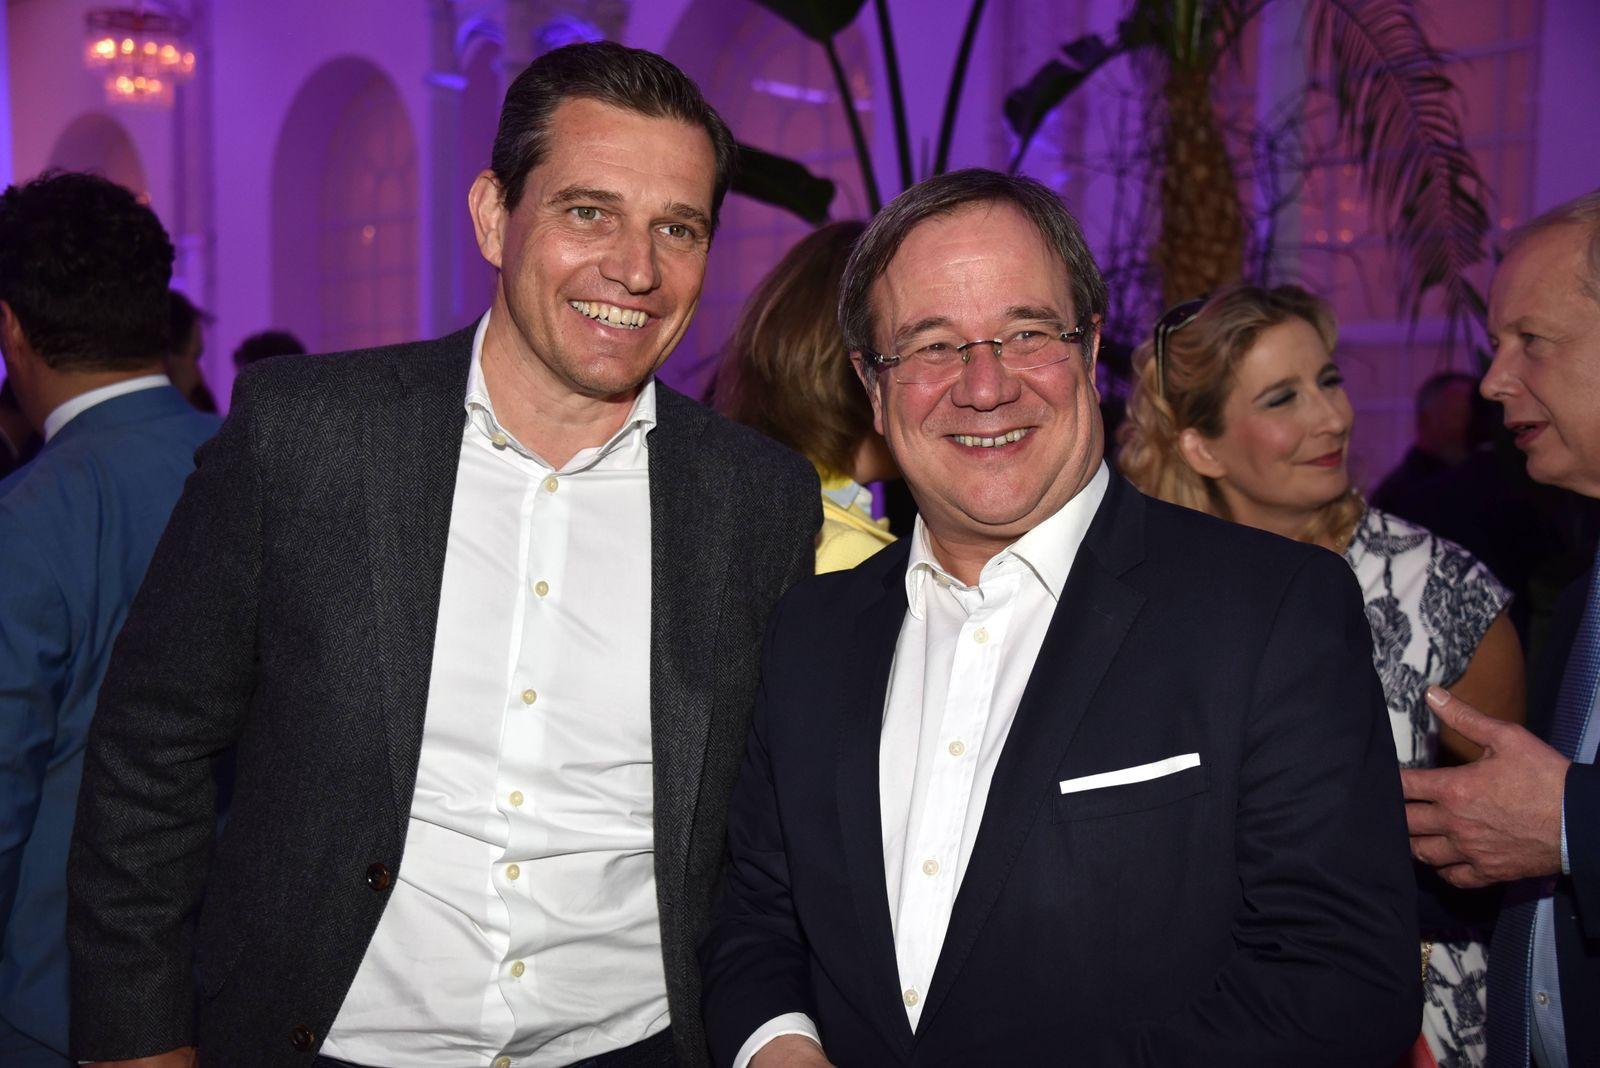 Michael Mronz und Armin Laschet, Ministerpräsident NRW , l-r, posiert am 26.04.2018 in Köln beim Treffen der Fernsehbra